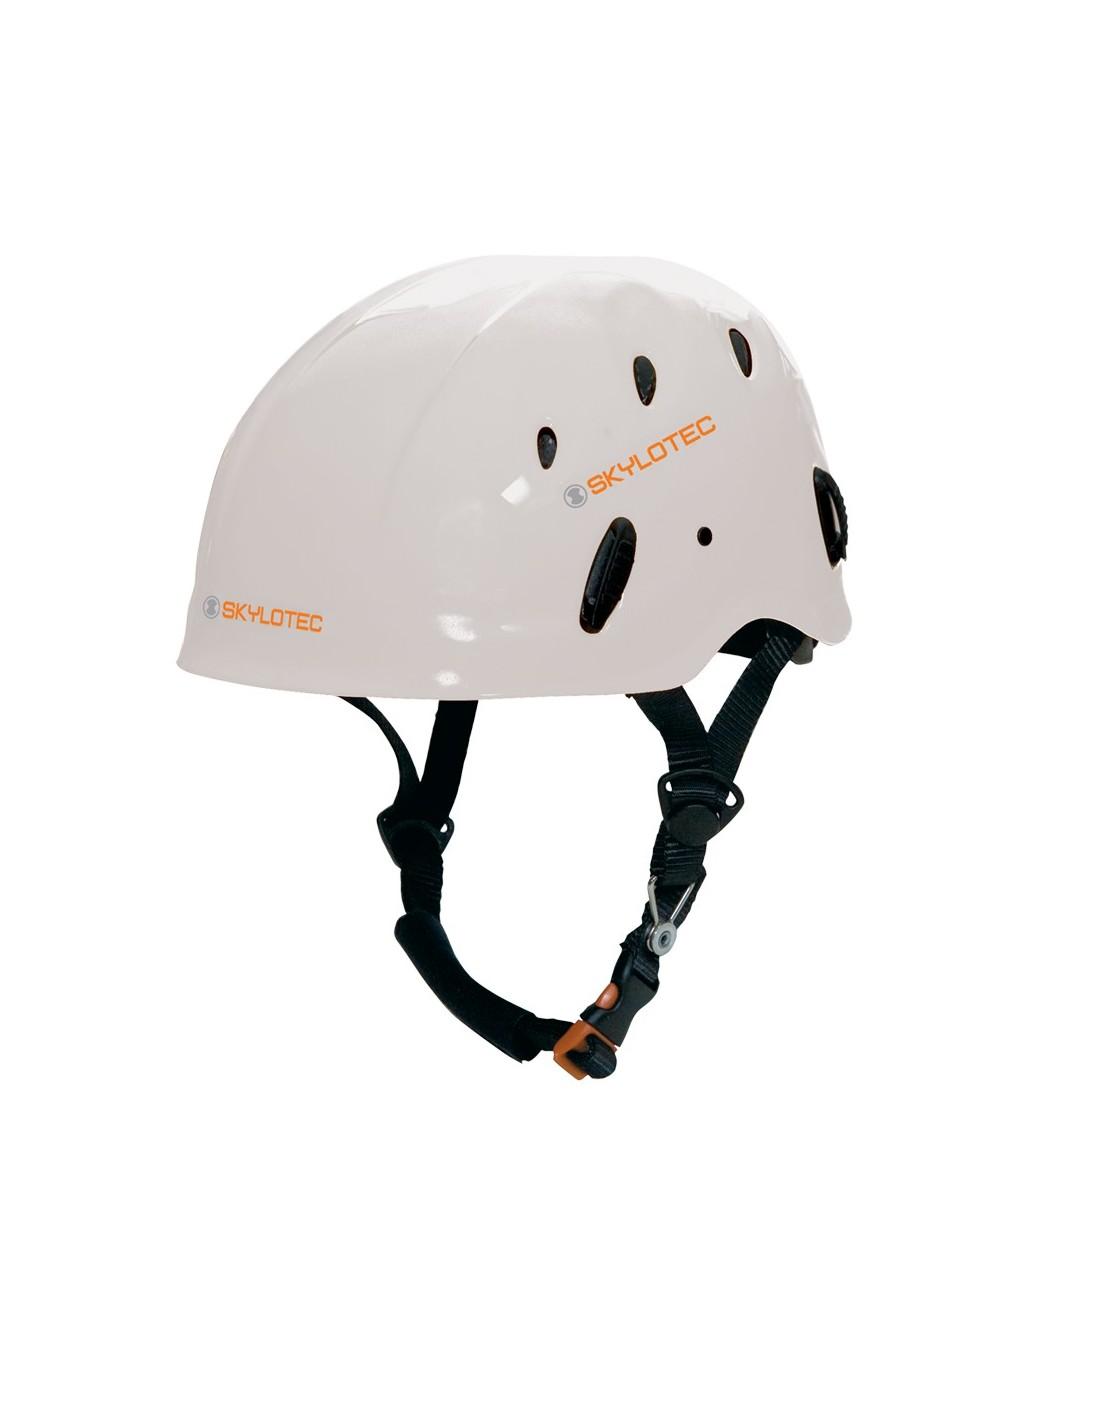 Skylotec Kinderhelm Skycrown Junior White Kletterhelmgröße (Kopfumfang) - Einh